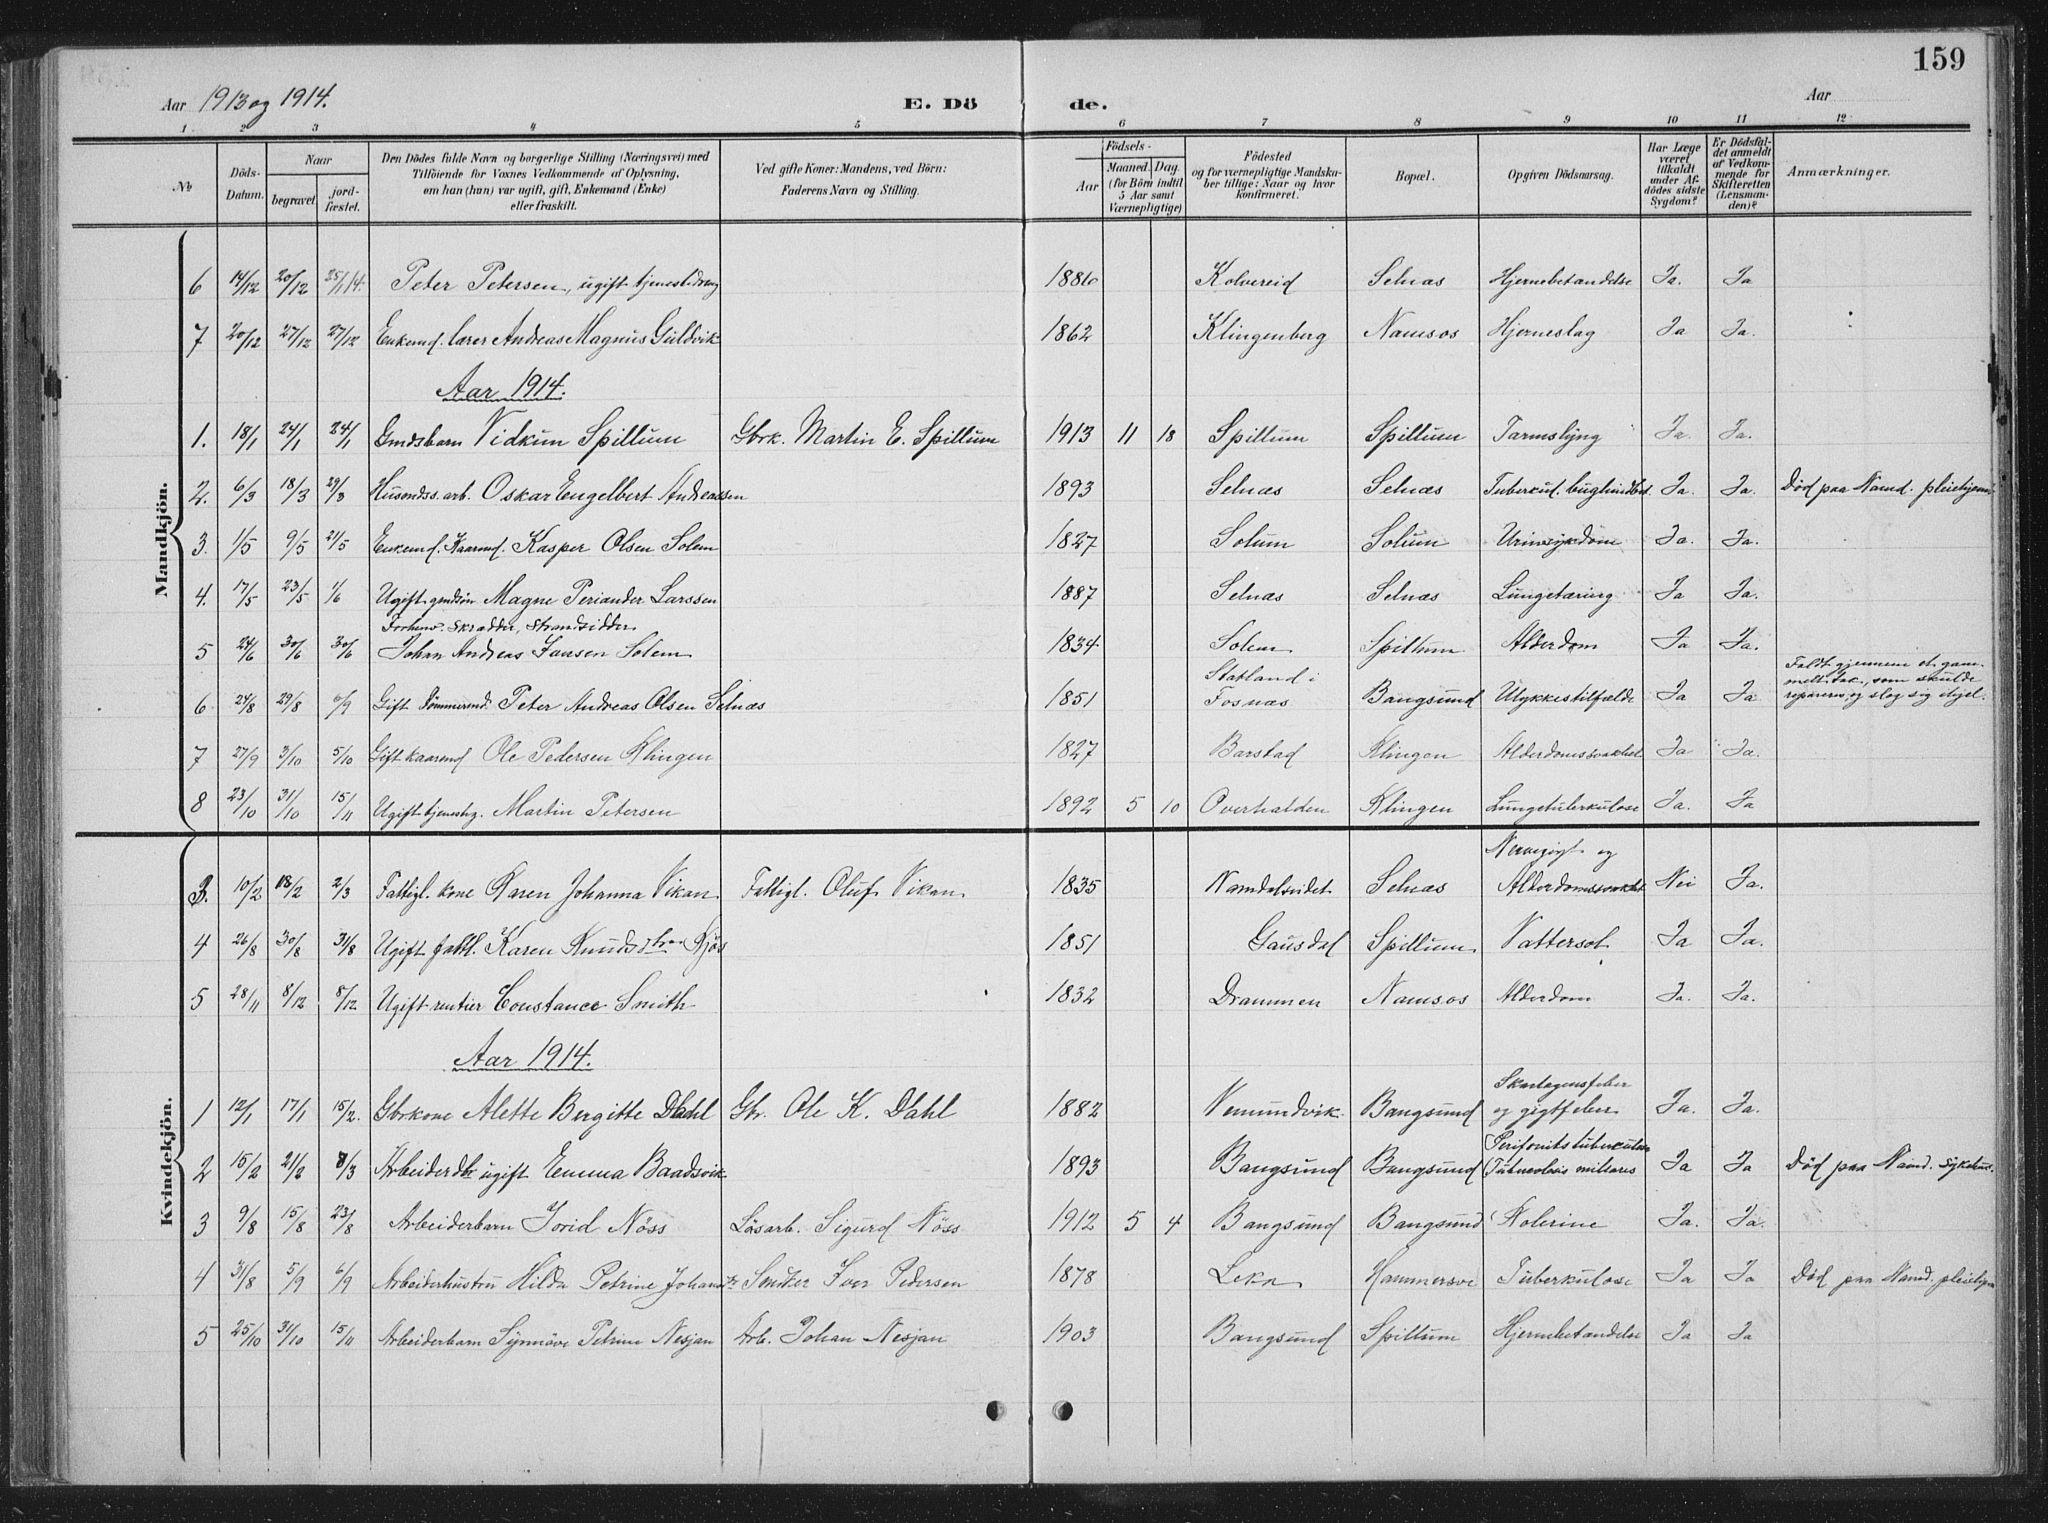 SAT, Ministerialprotokoller, klokkerbøker og fødselsregistre - Nord-Trøndelag, 770/L0591: Klokkerbok nr. 770C02, 1902-1940, s. 159